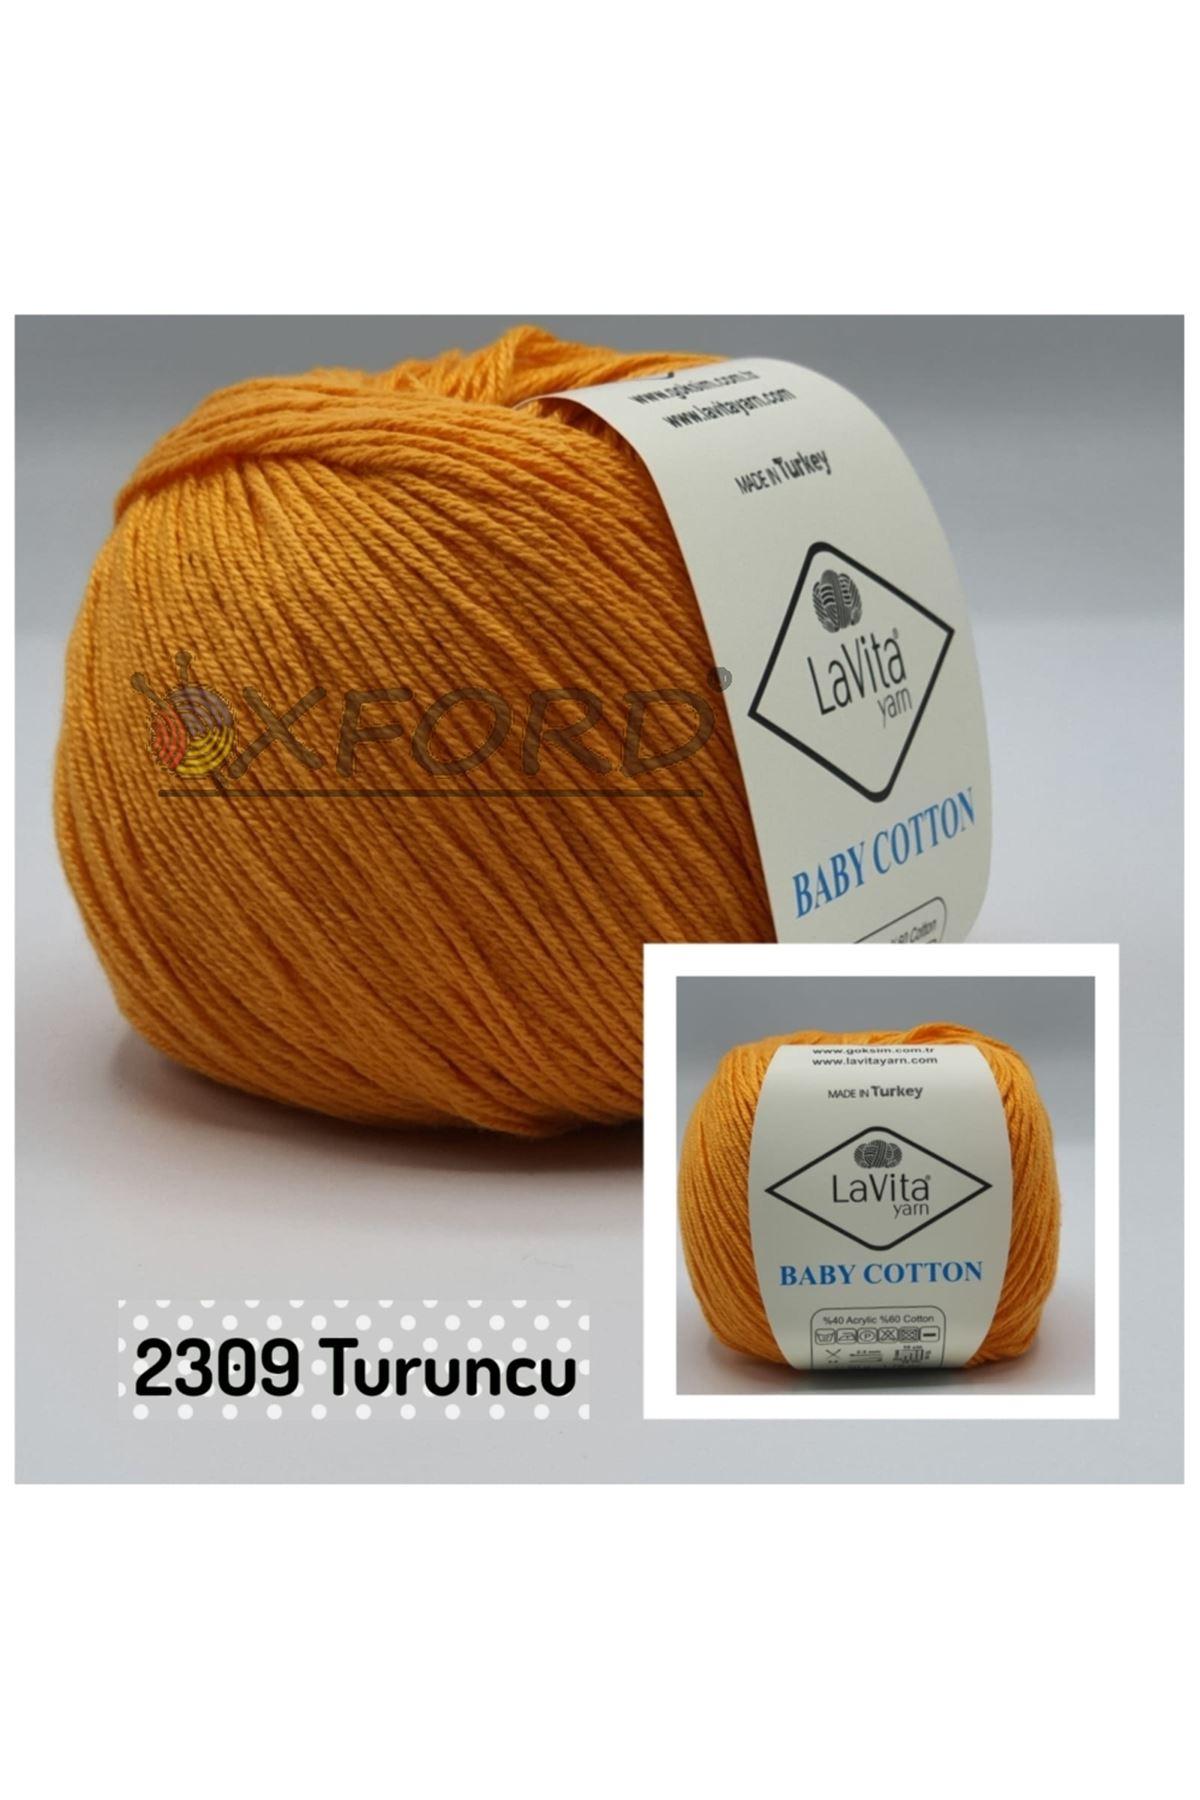 Lavita Baby Cotton 2309 Turuncu